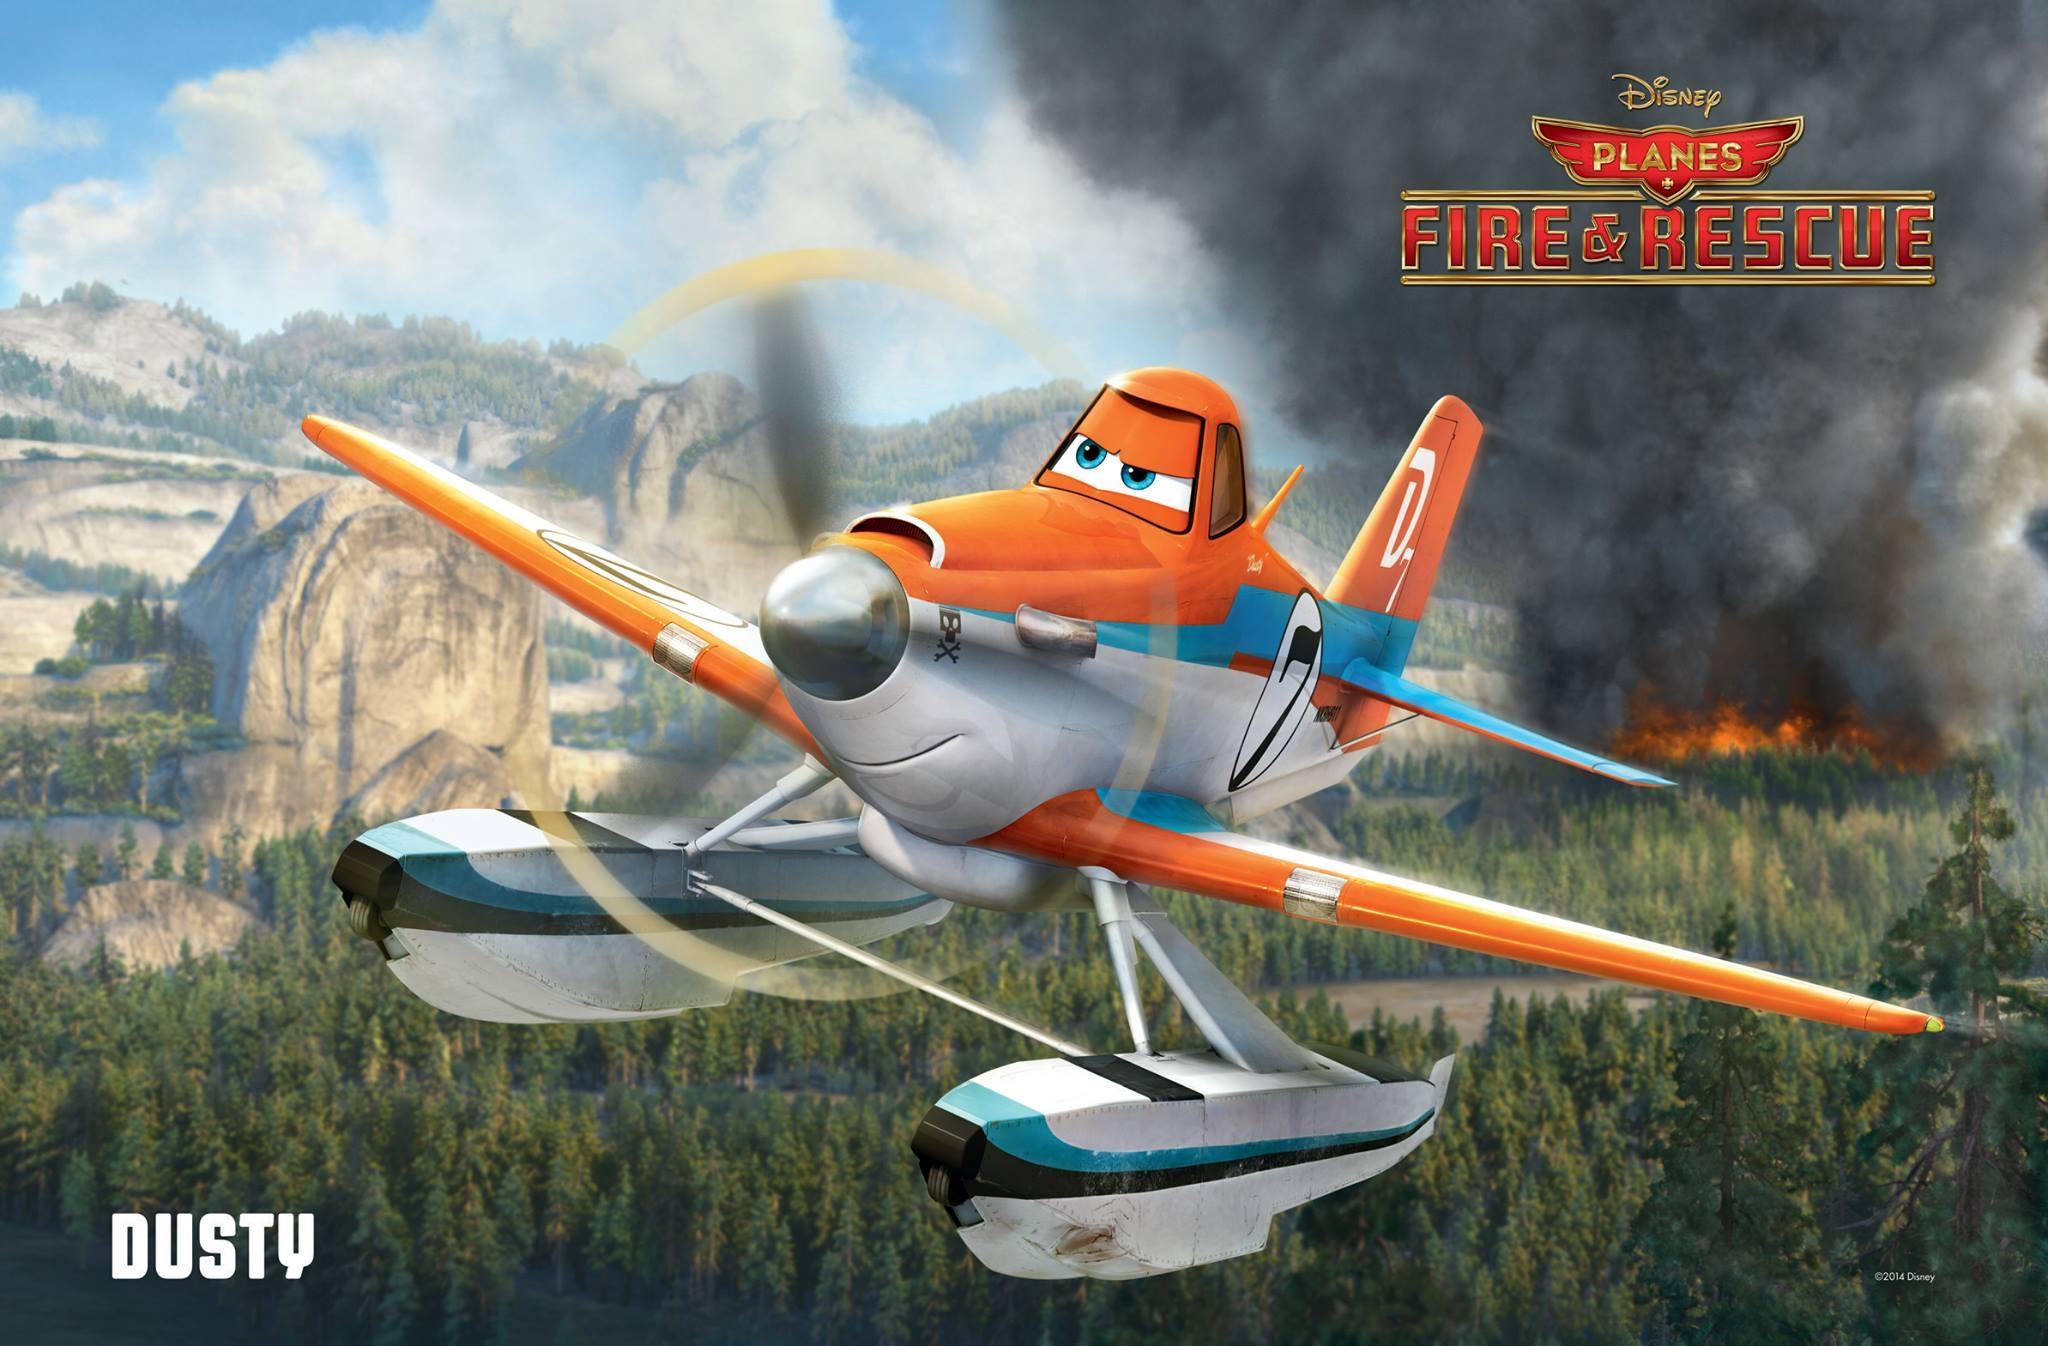 dusty equipo de rescate aviones 2